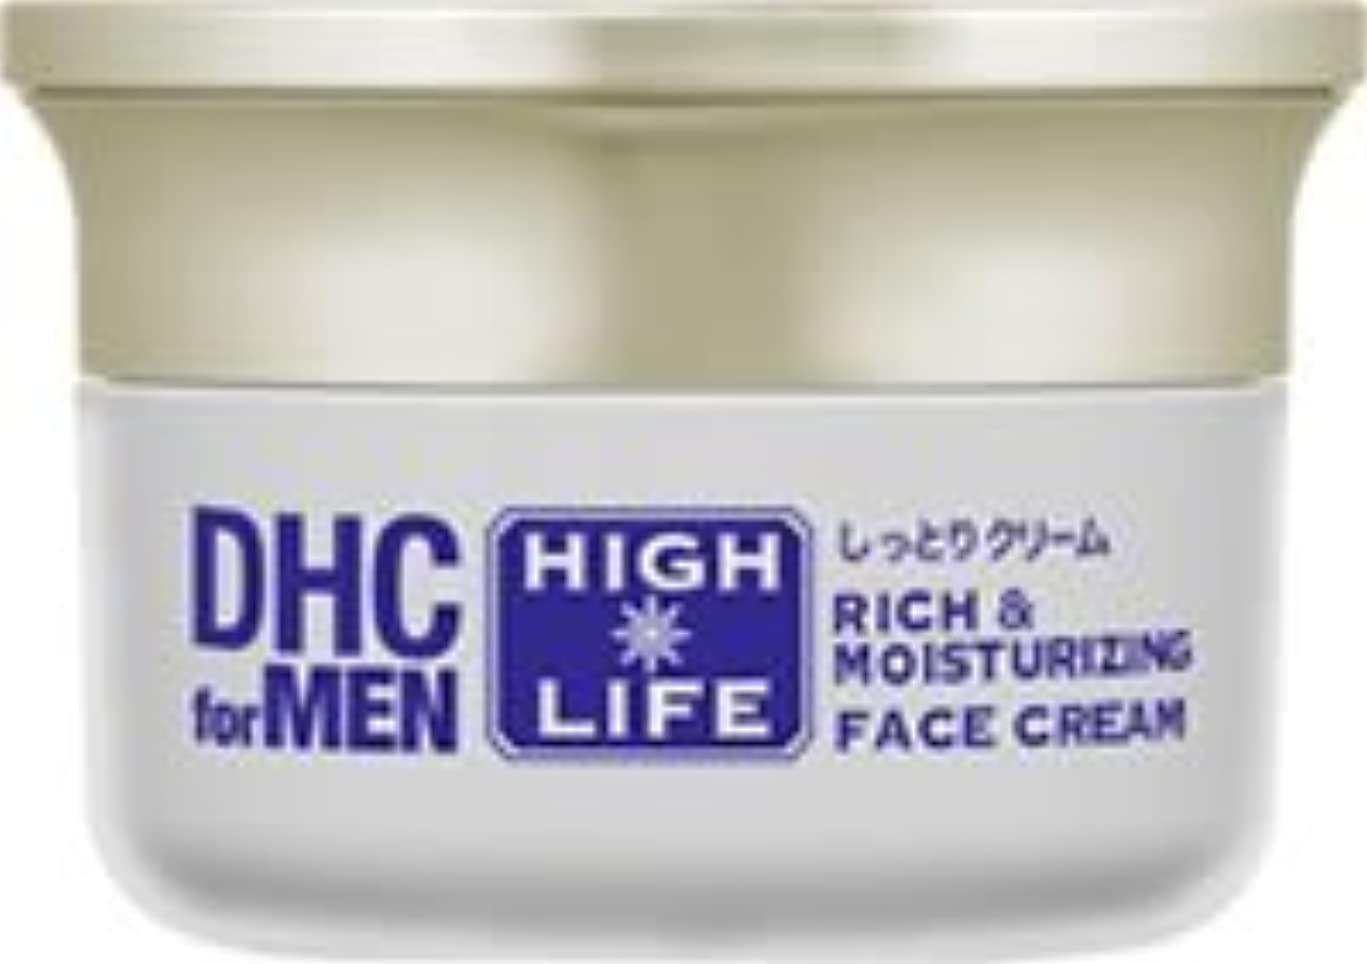 状況無駄ソーセージDHCリッチ&モイスチュア フェースクリーム【DHC for MEN ハイライフ】